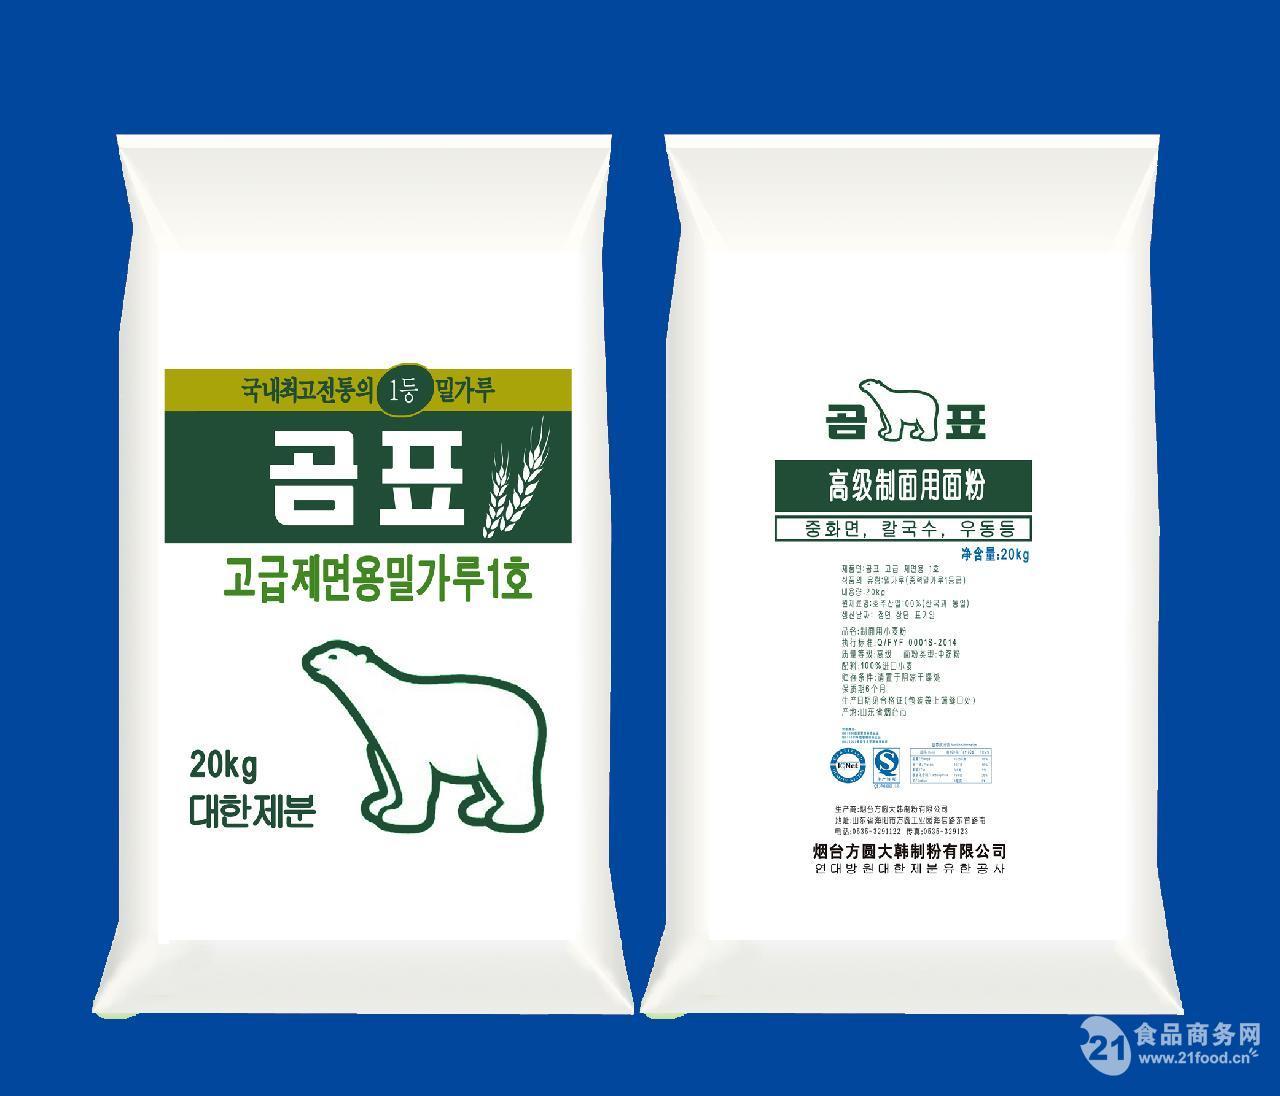 厂家直营 韩国熊标面粉高级面条粉20kg纯进口小麦炸酱面韩式披萨